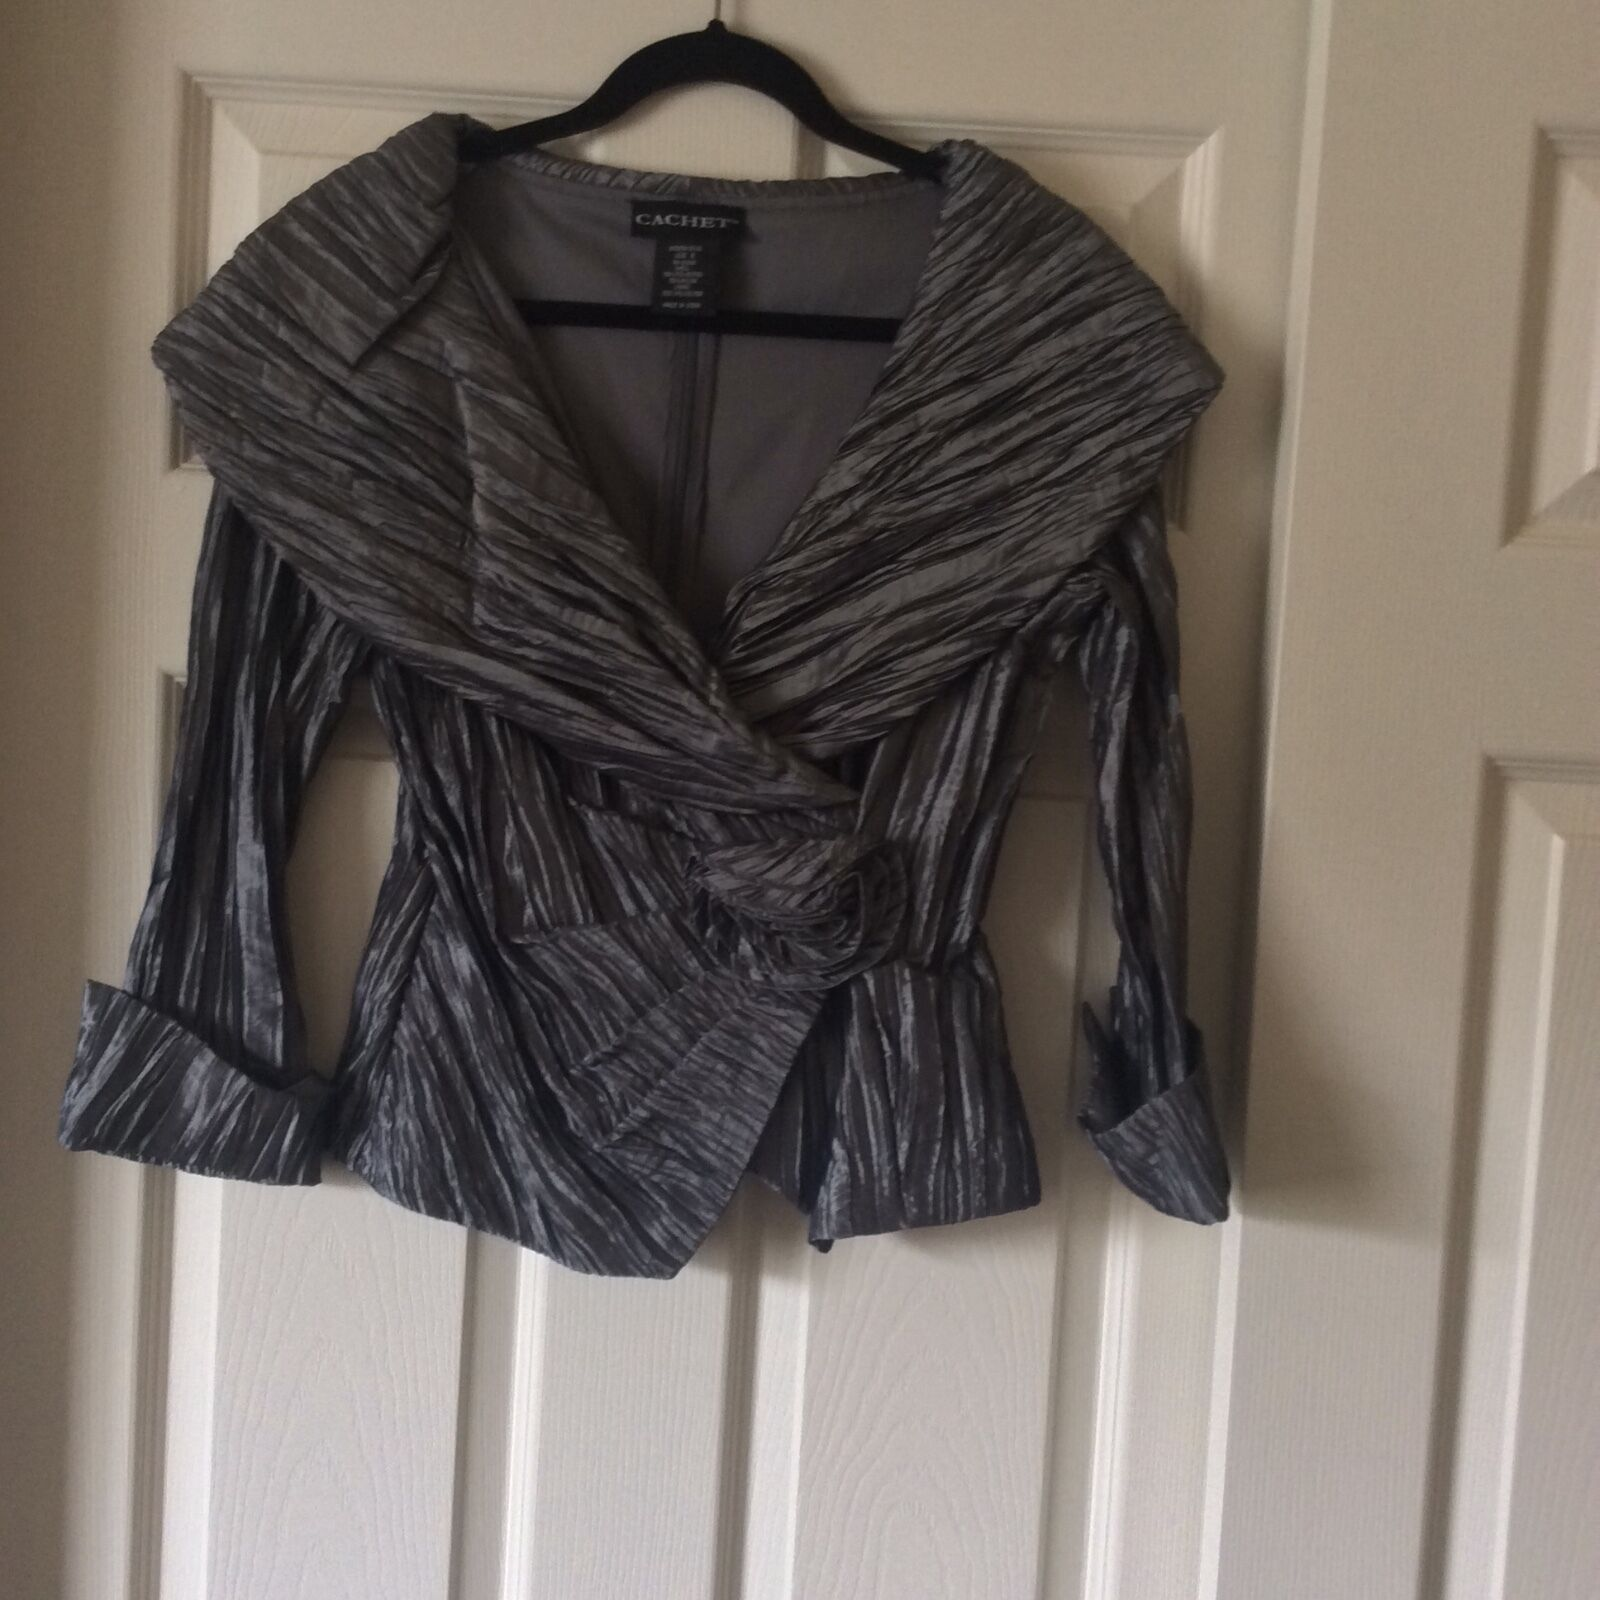 CACHE blouse jacket Größe 6